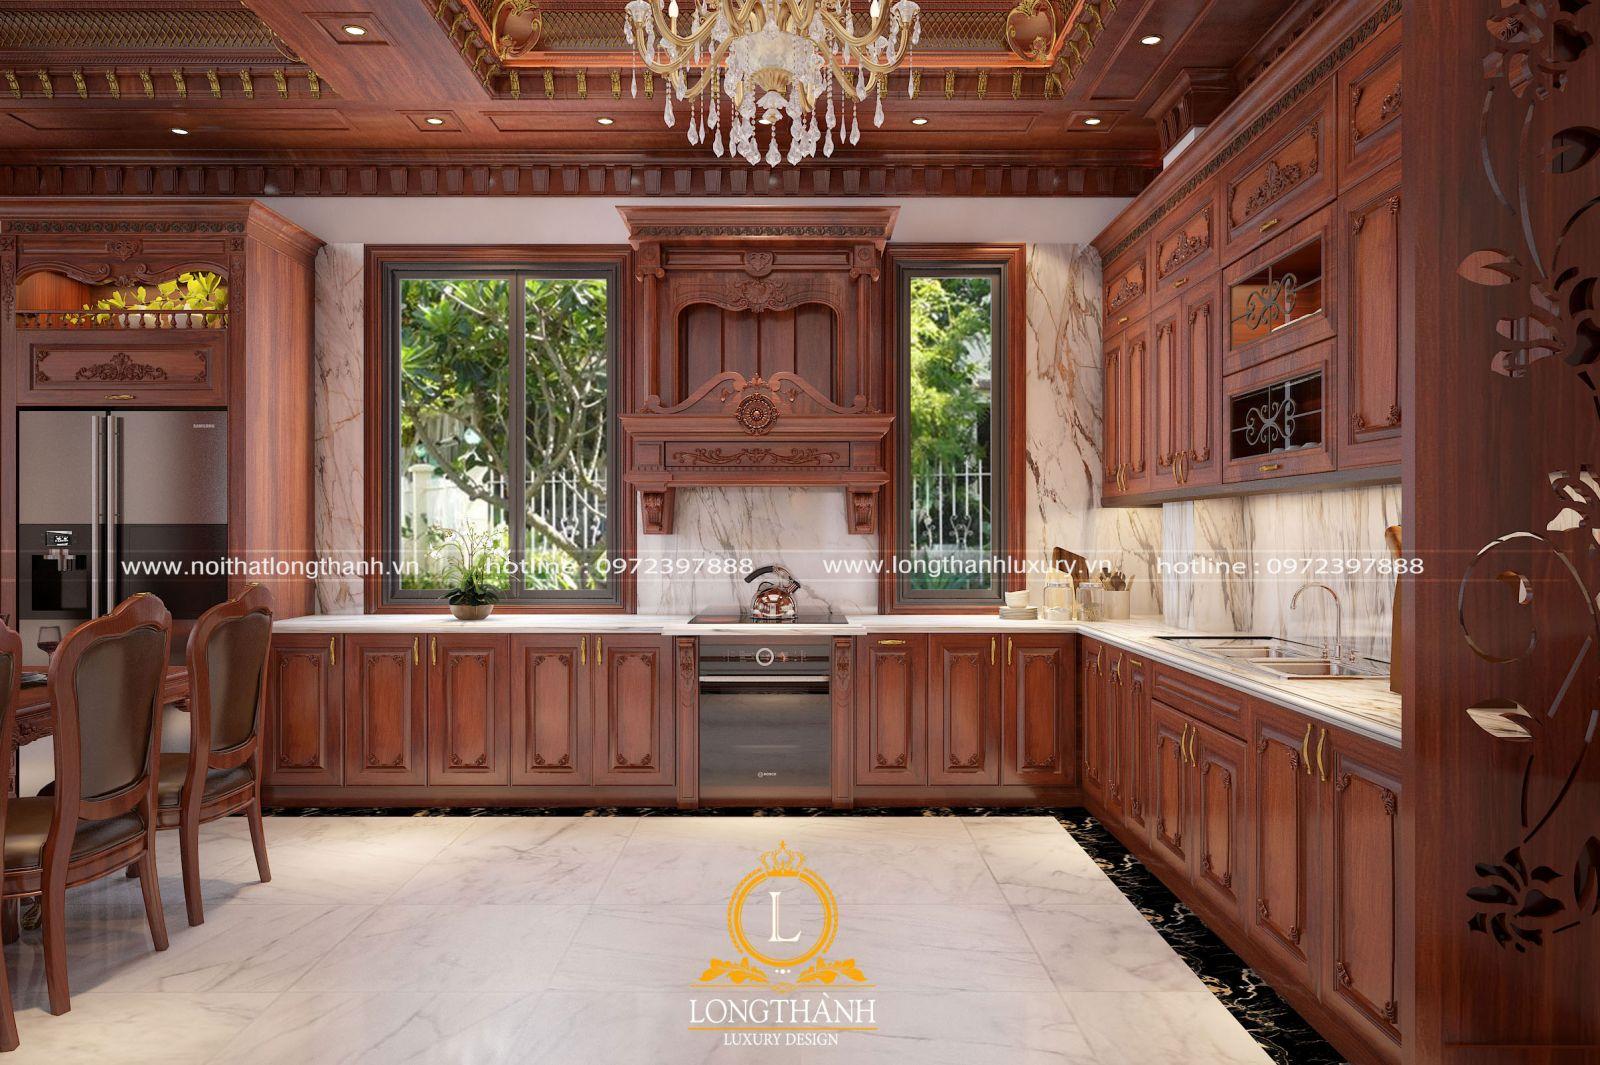 Mẫu tủ bếp gỗ tự nhiên sang trọng cho nhà biệt thự